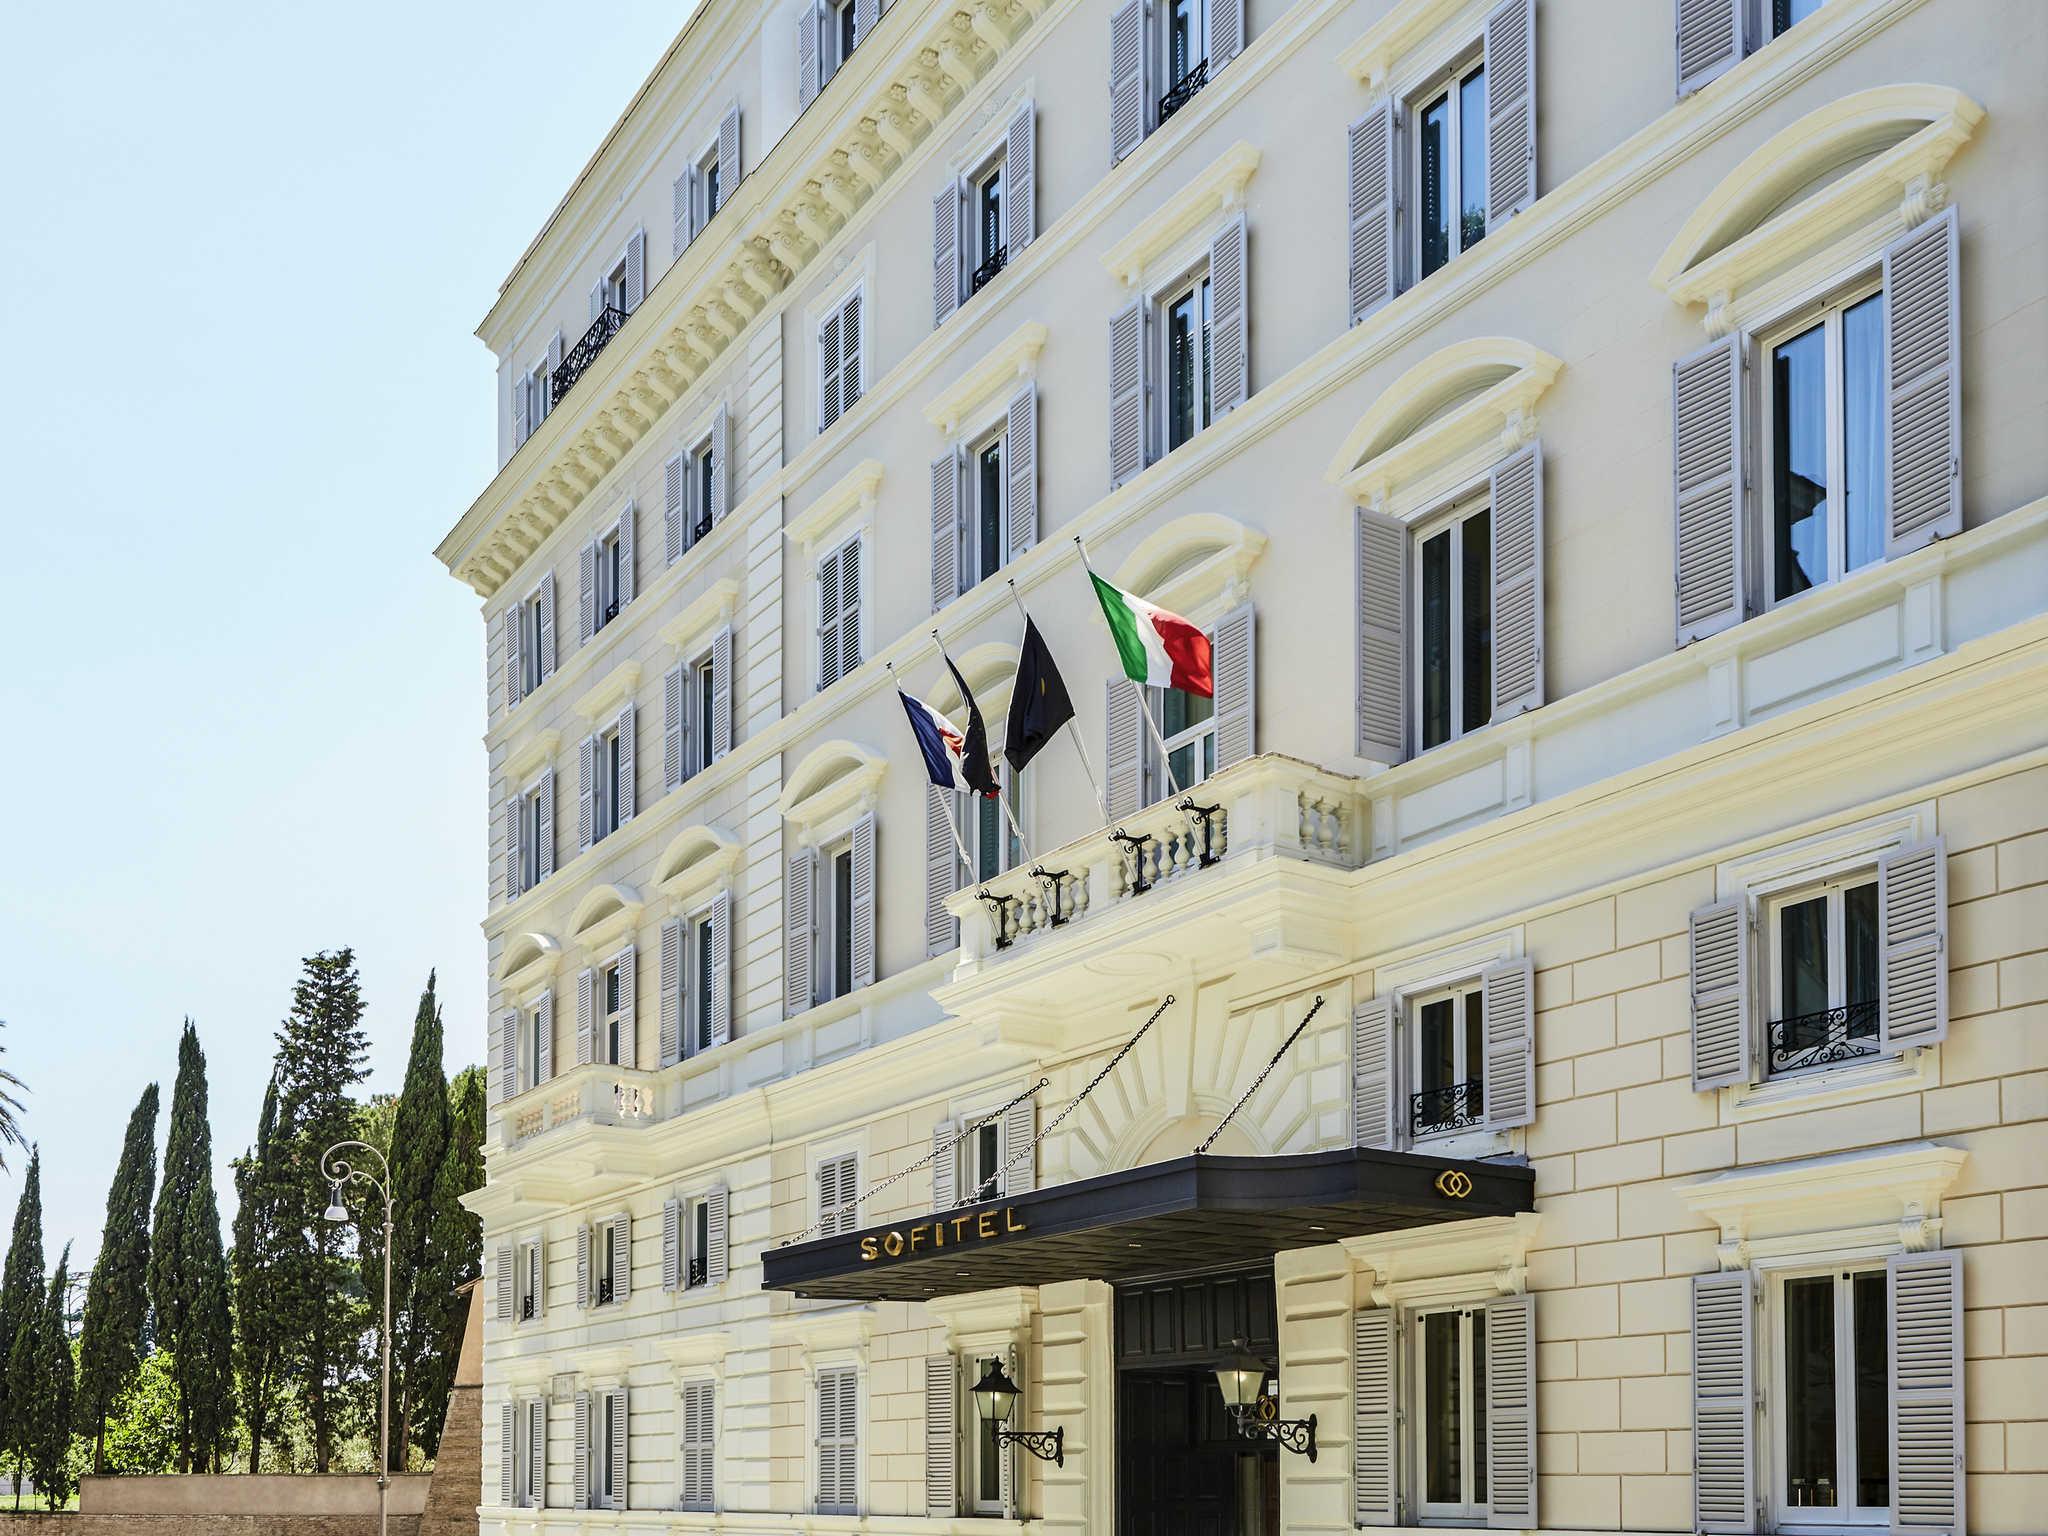 Hotel - Sofitel Rome Villa Borghese